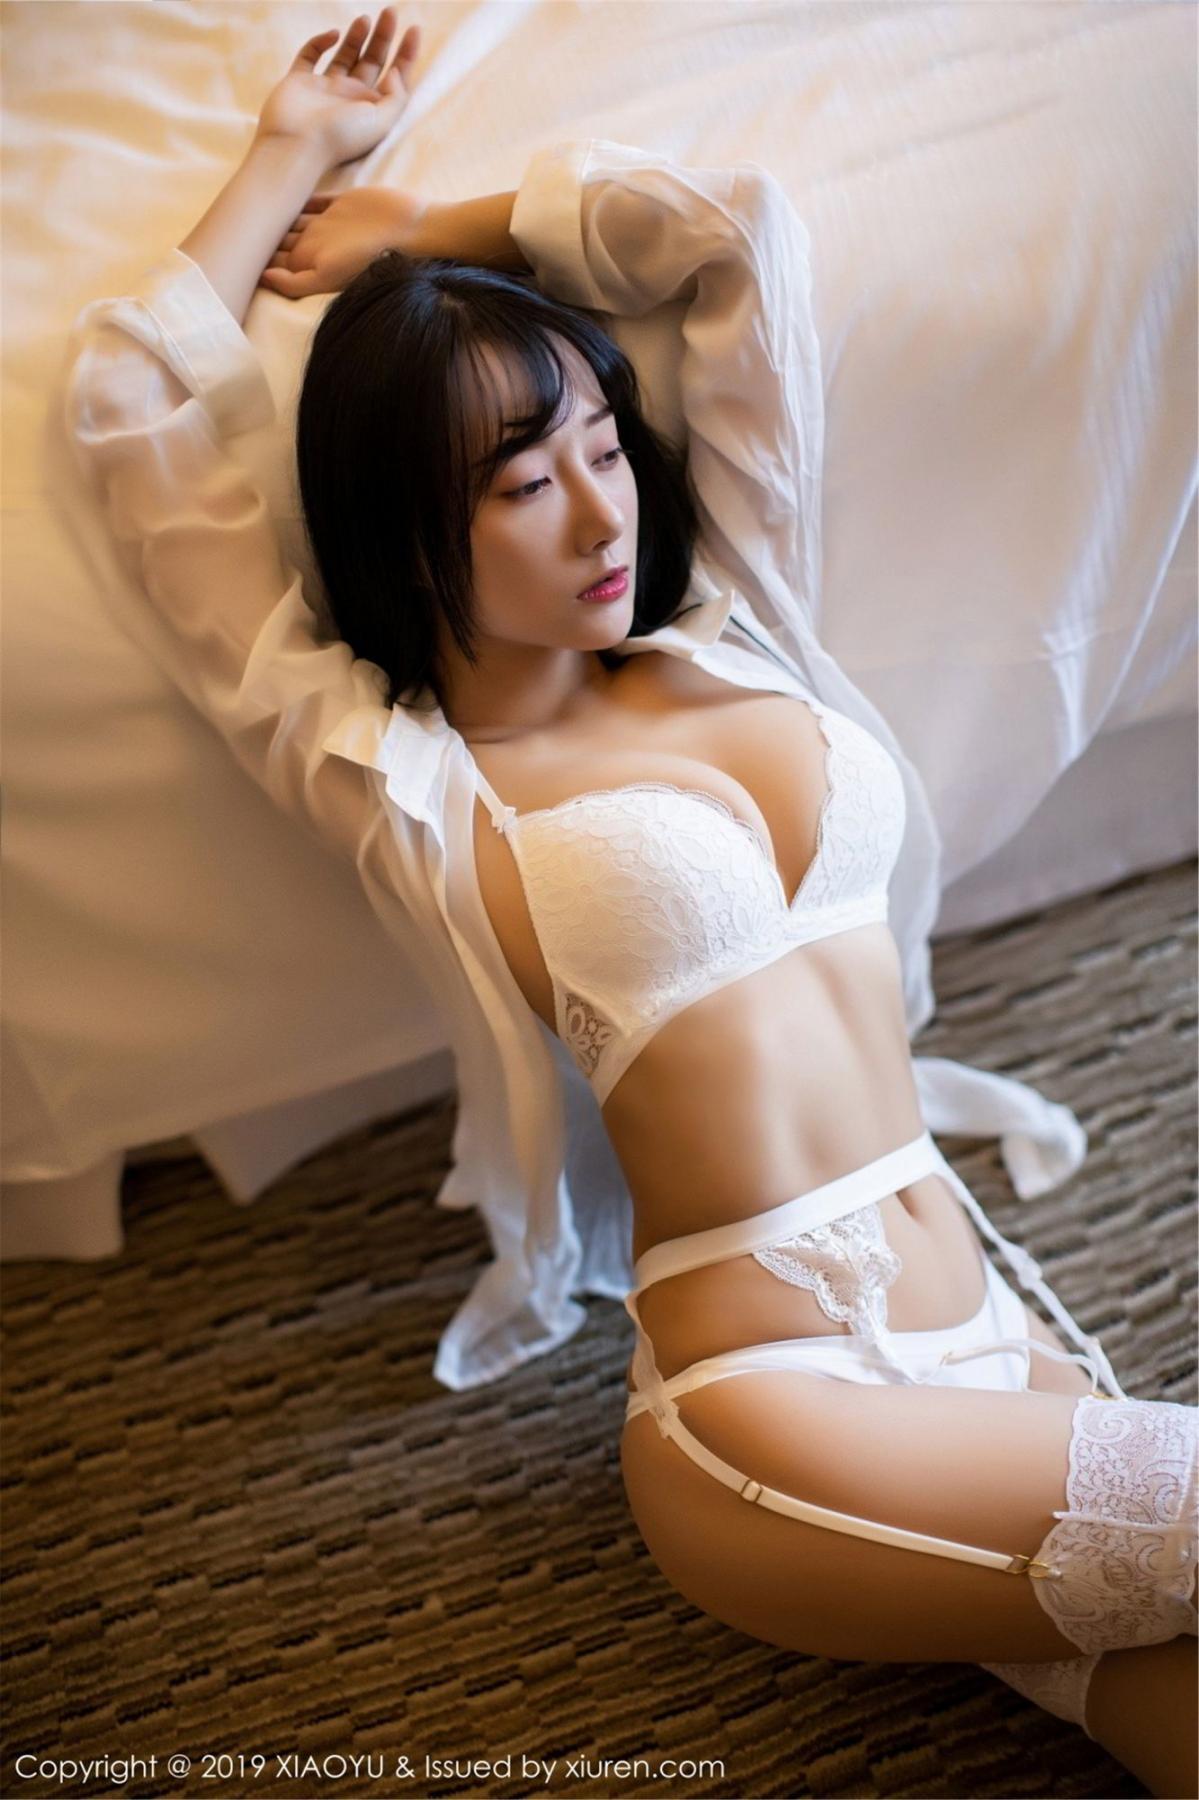 [XiaoYu] Vol.076 He Jia Ying 12P, He Jia Ying, Underwear, XiaoYu